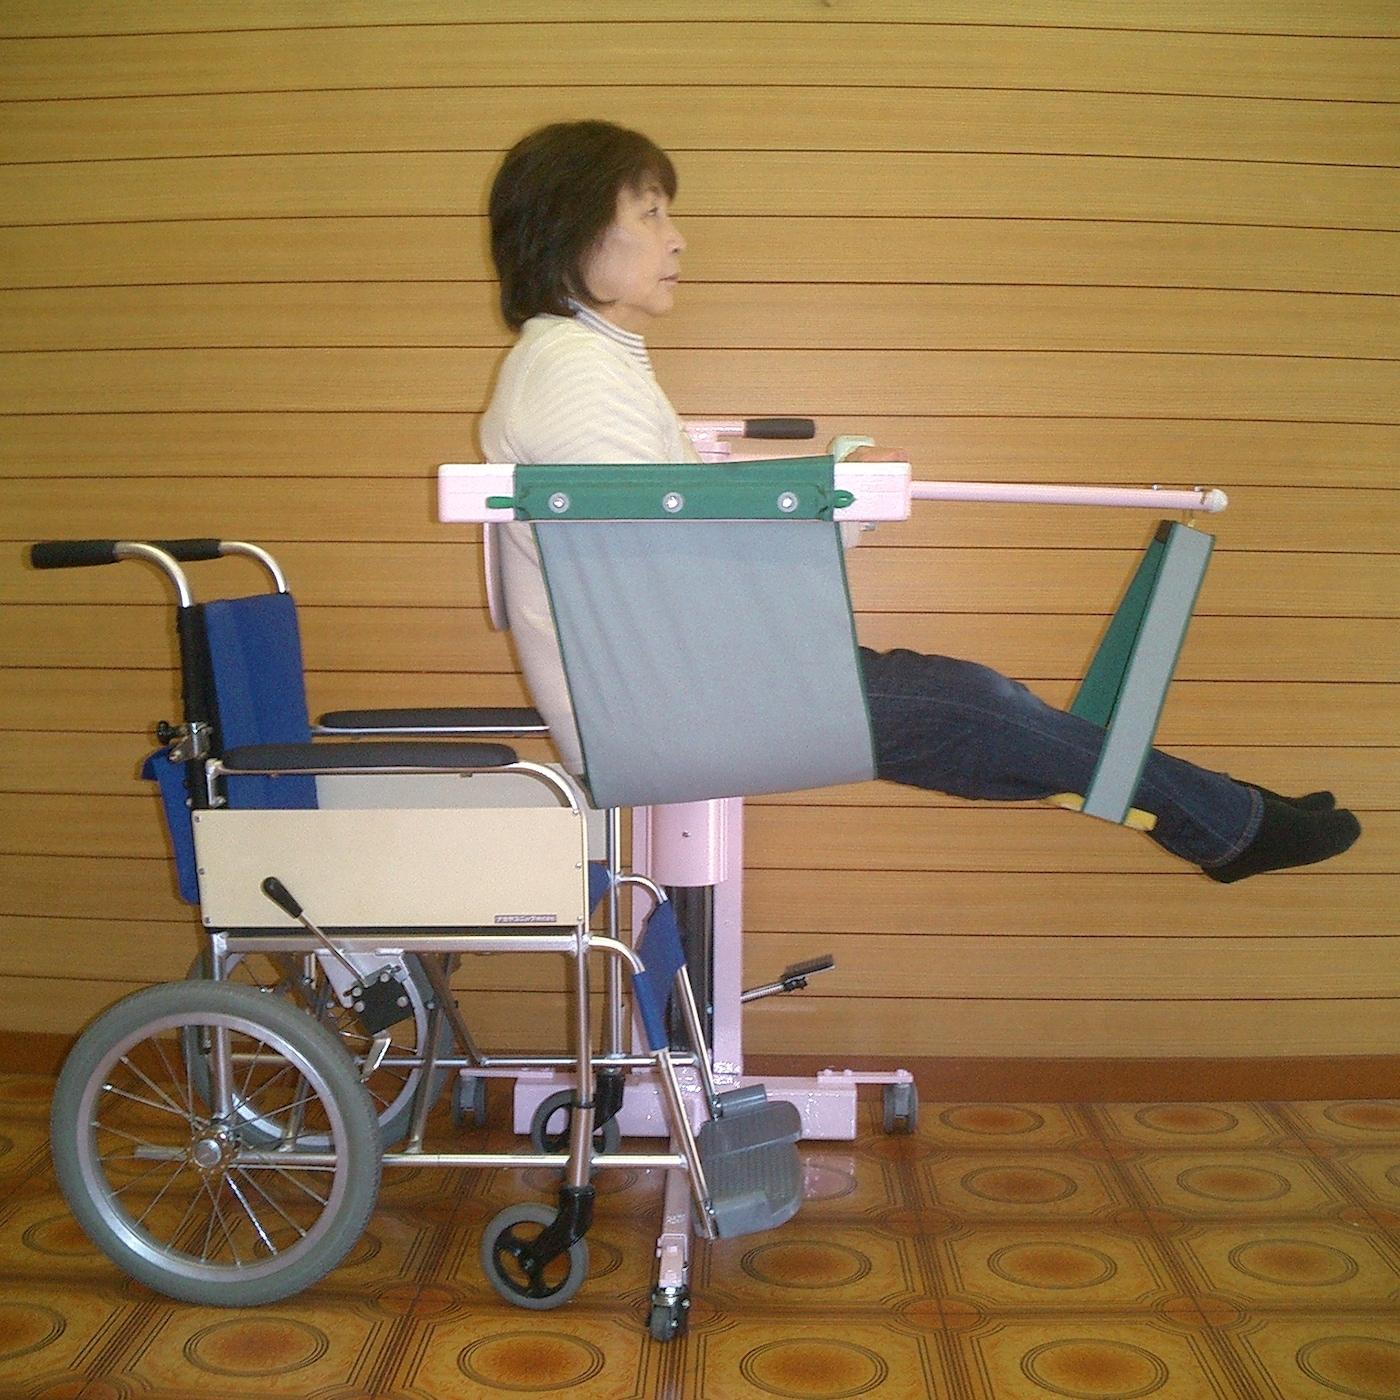 長座位での車椅子への移乗